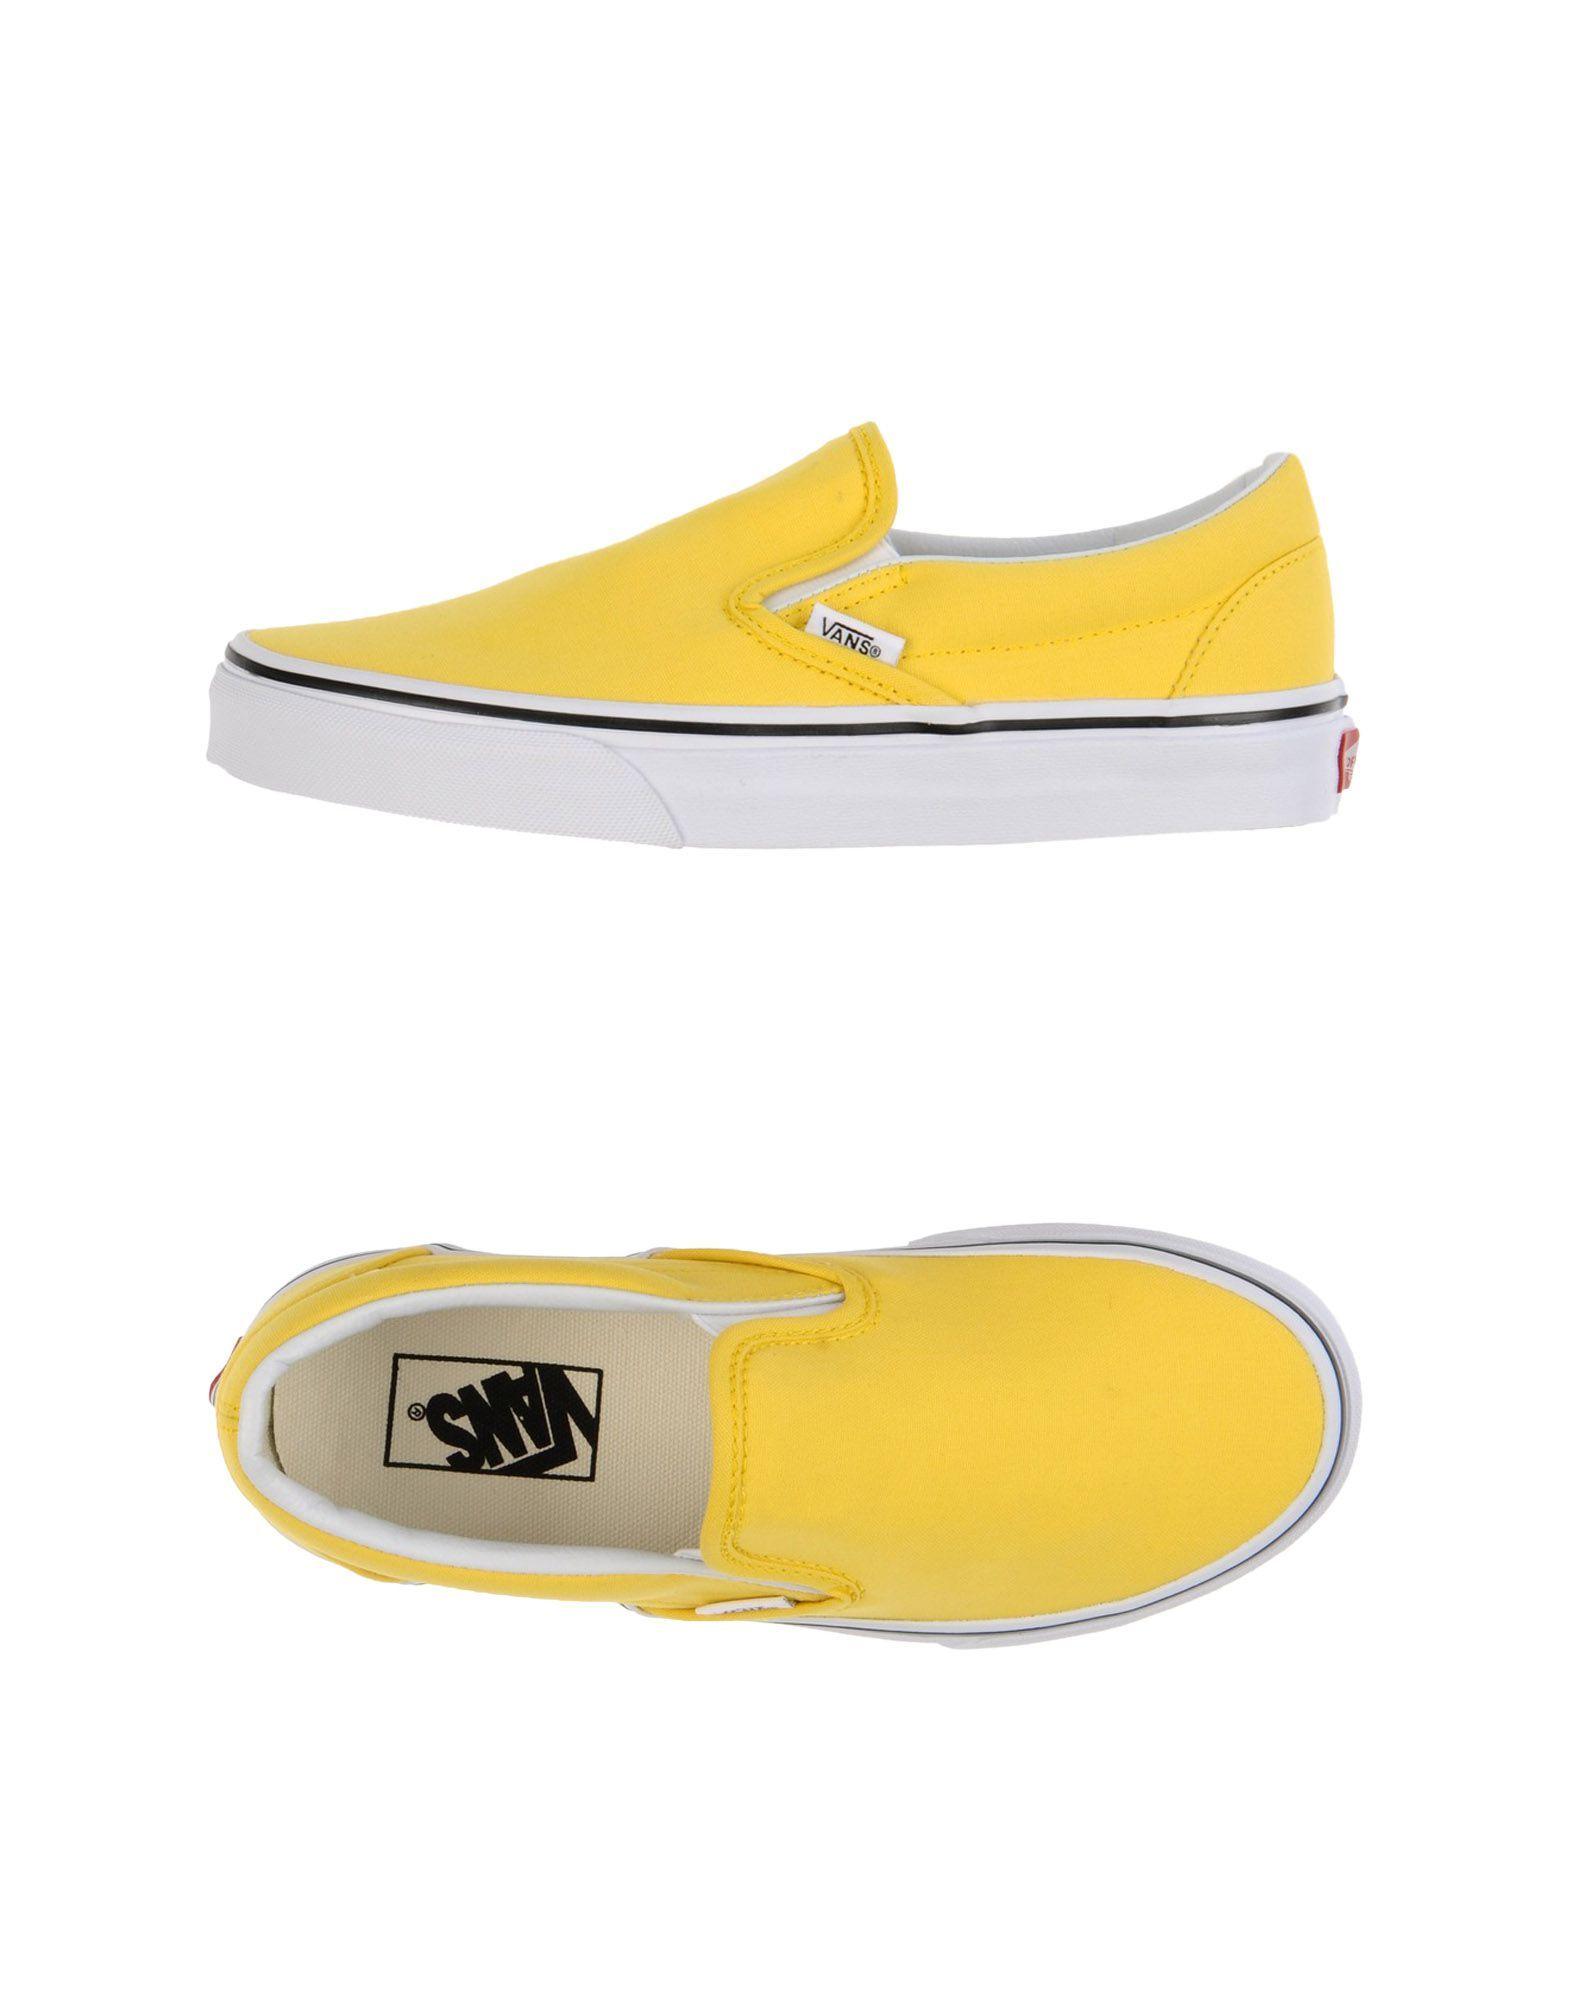 VANS U CLASSIC SLIP ON Sneakers Gelb Damen Schuhe